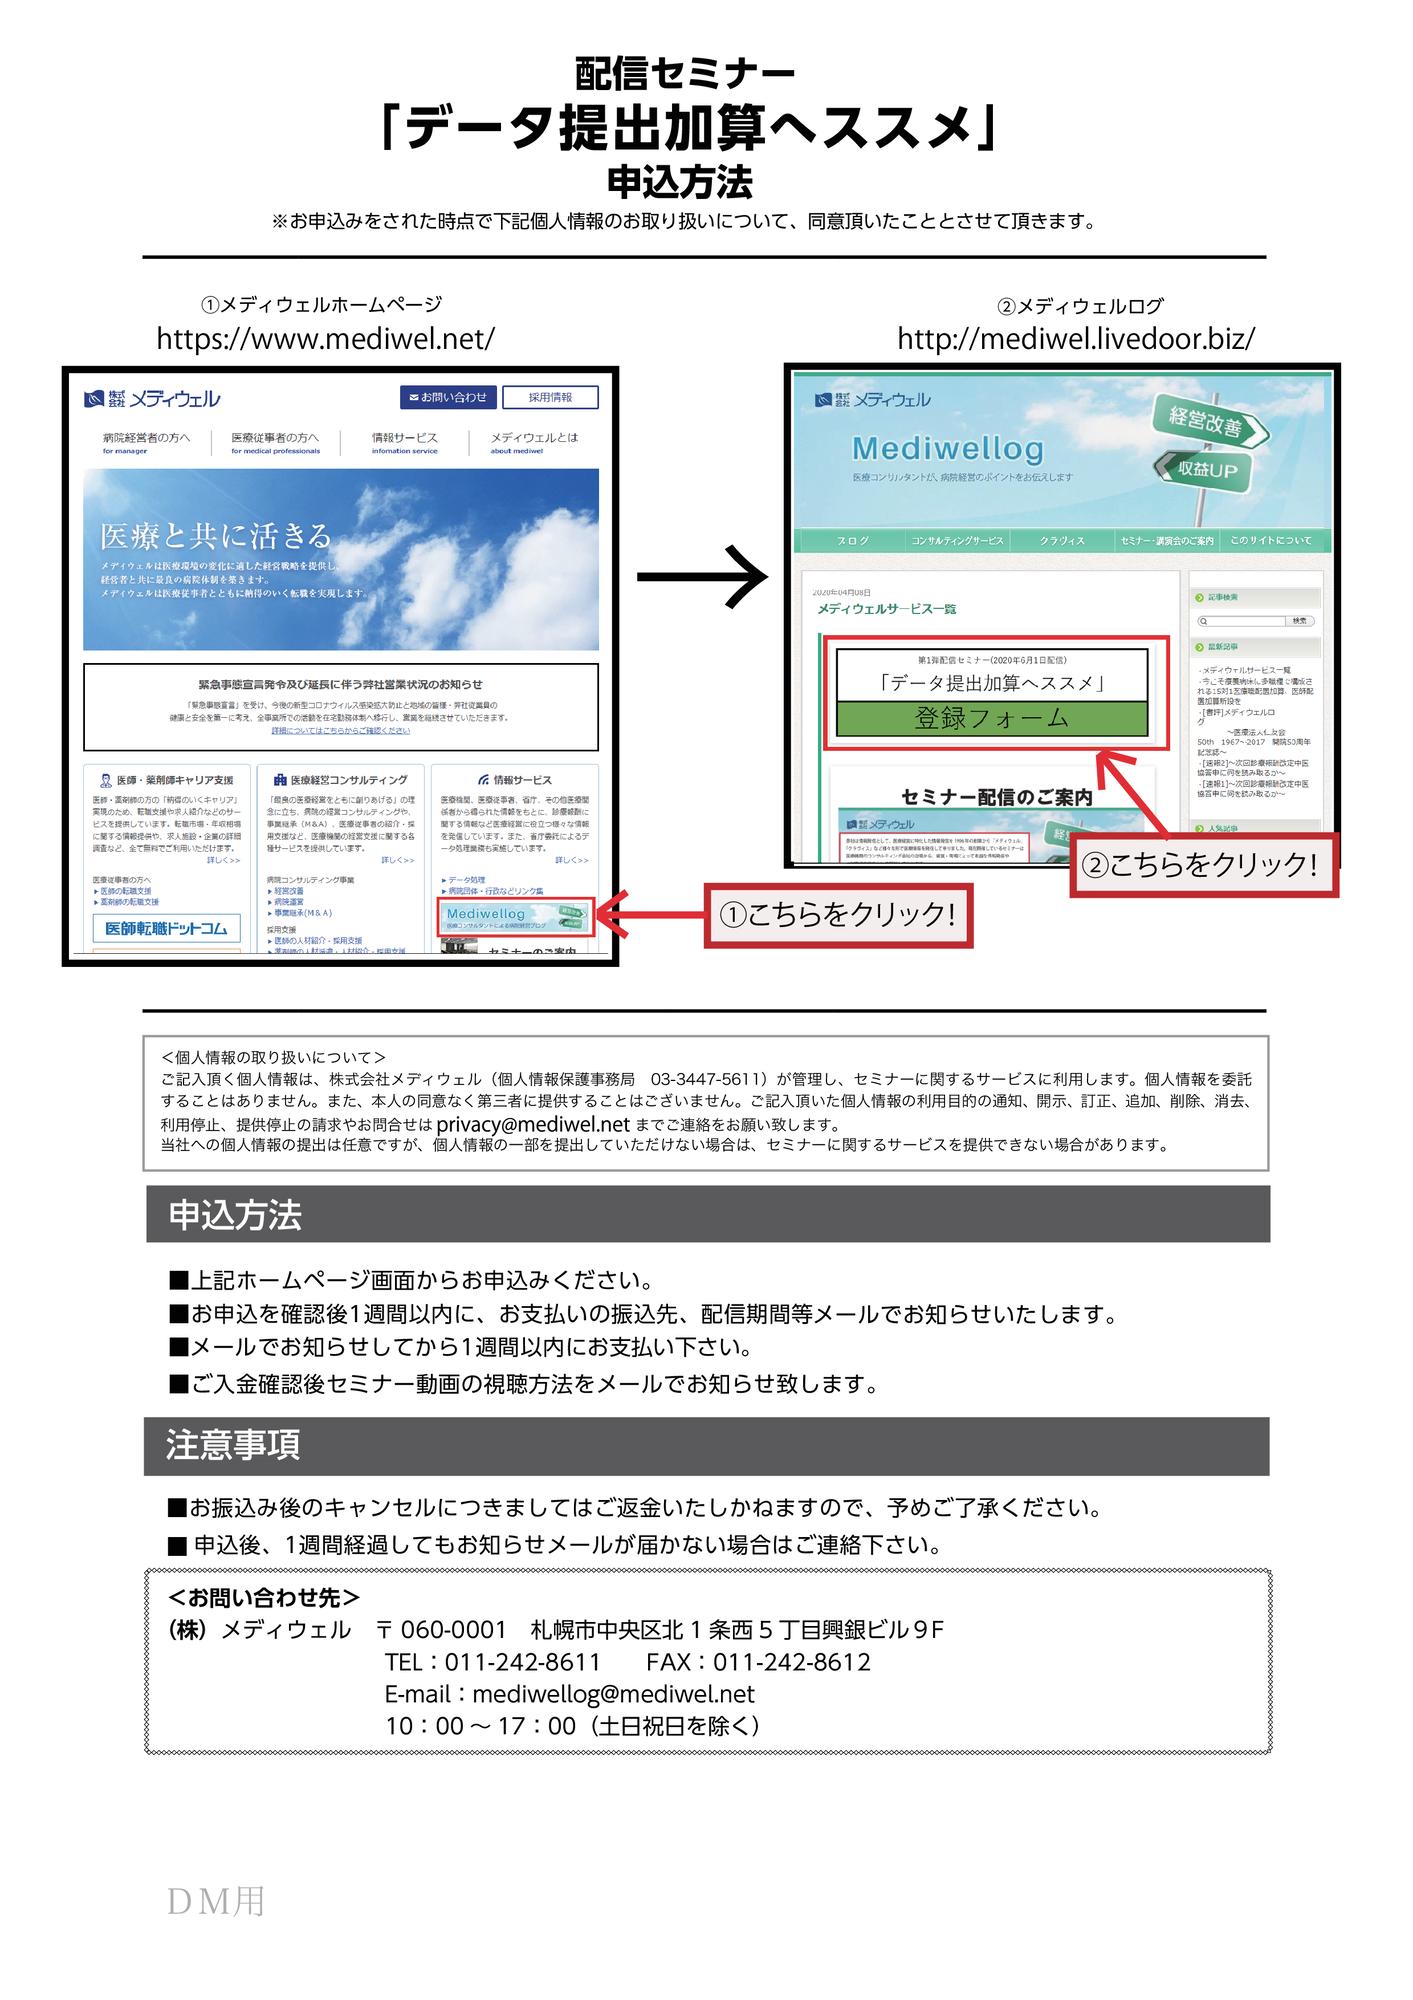 配信セミナー案内10月1日配信-002 (1)